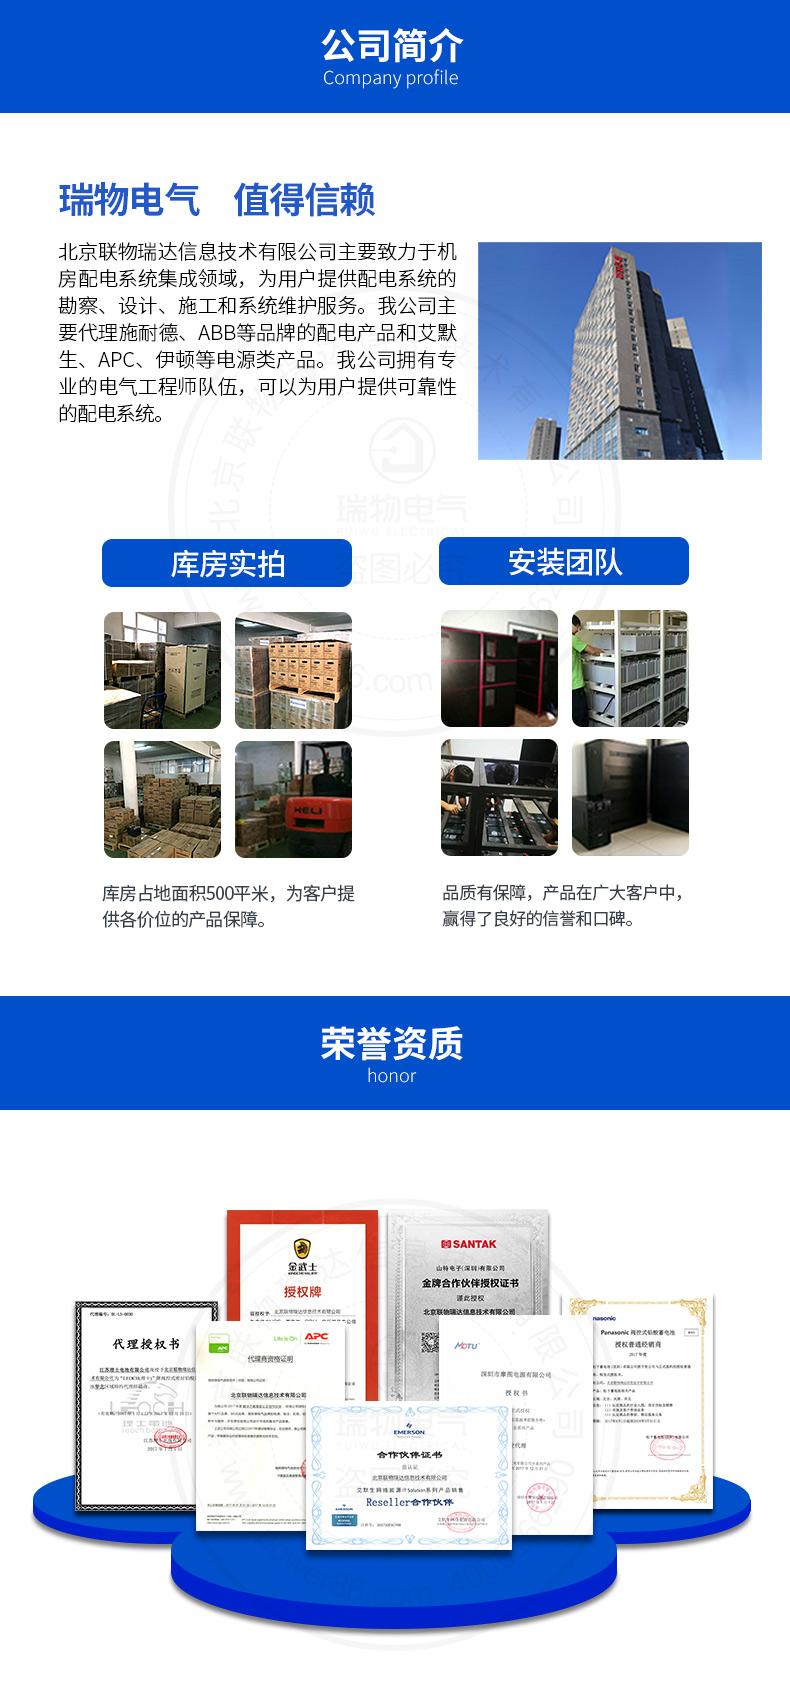 产品介绍http://www.power86.com/rs1/battery/2564/2565/5394/5394_c6.jpg